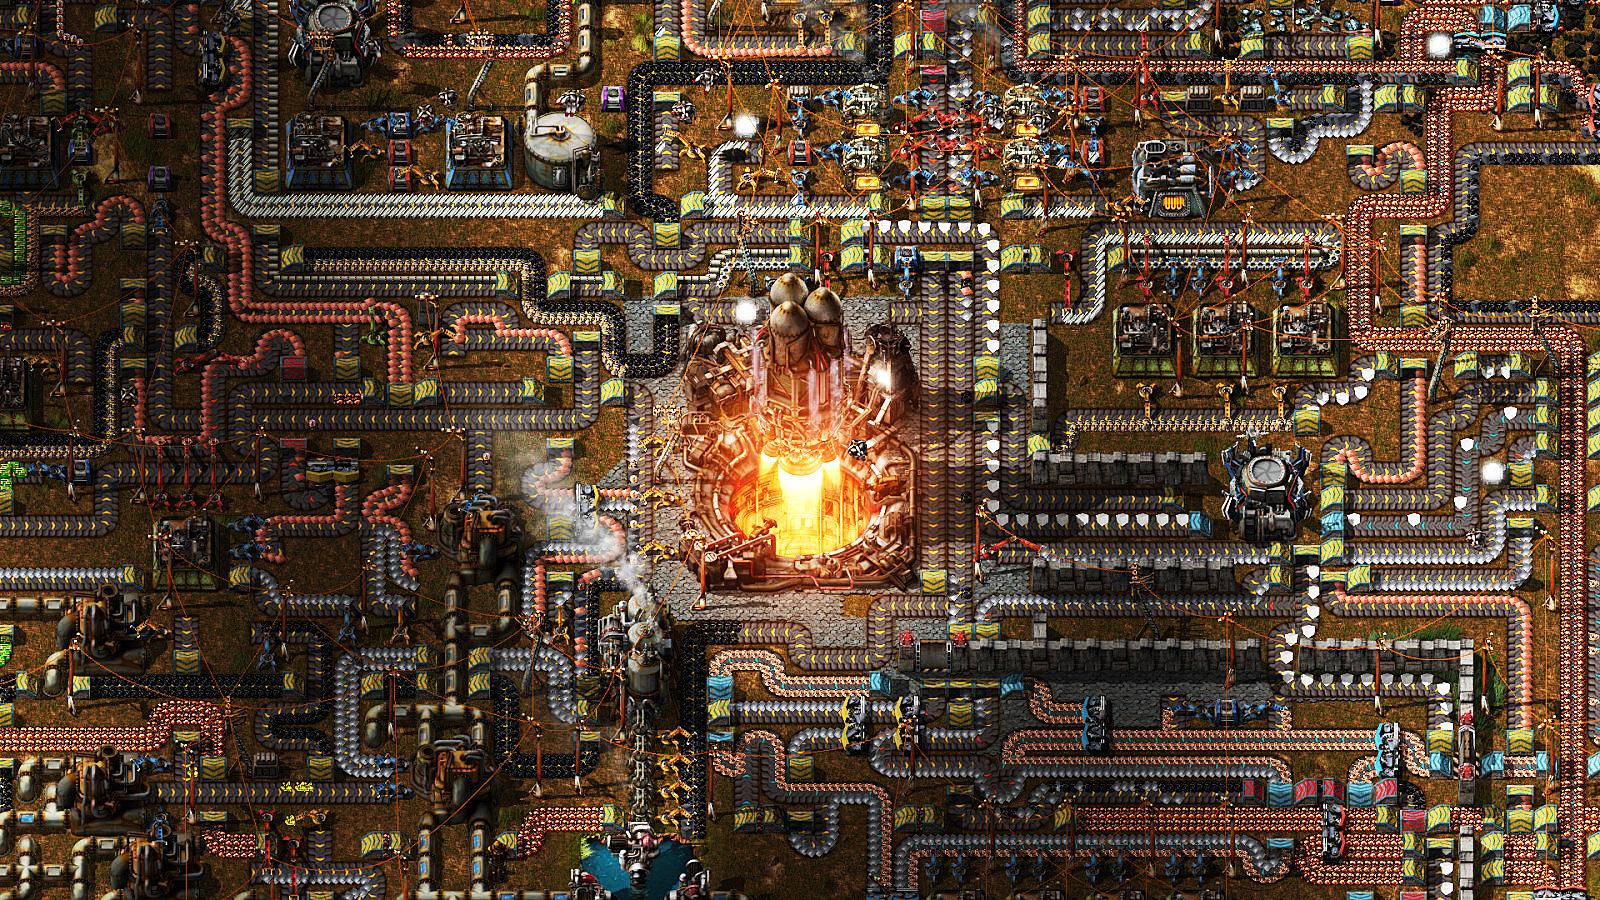 Quot Factorio Quot Im Test Das Fabrikspiel Das Steam Begeistert